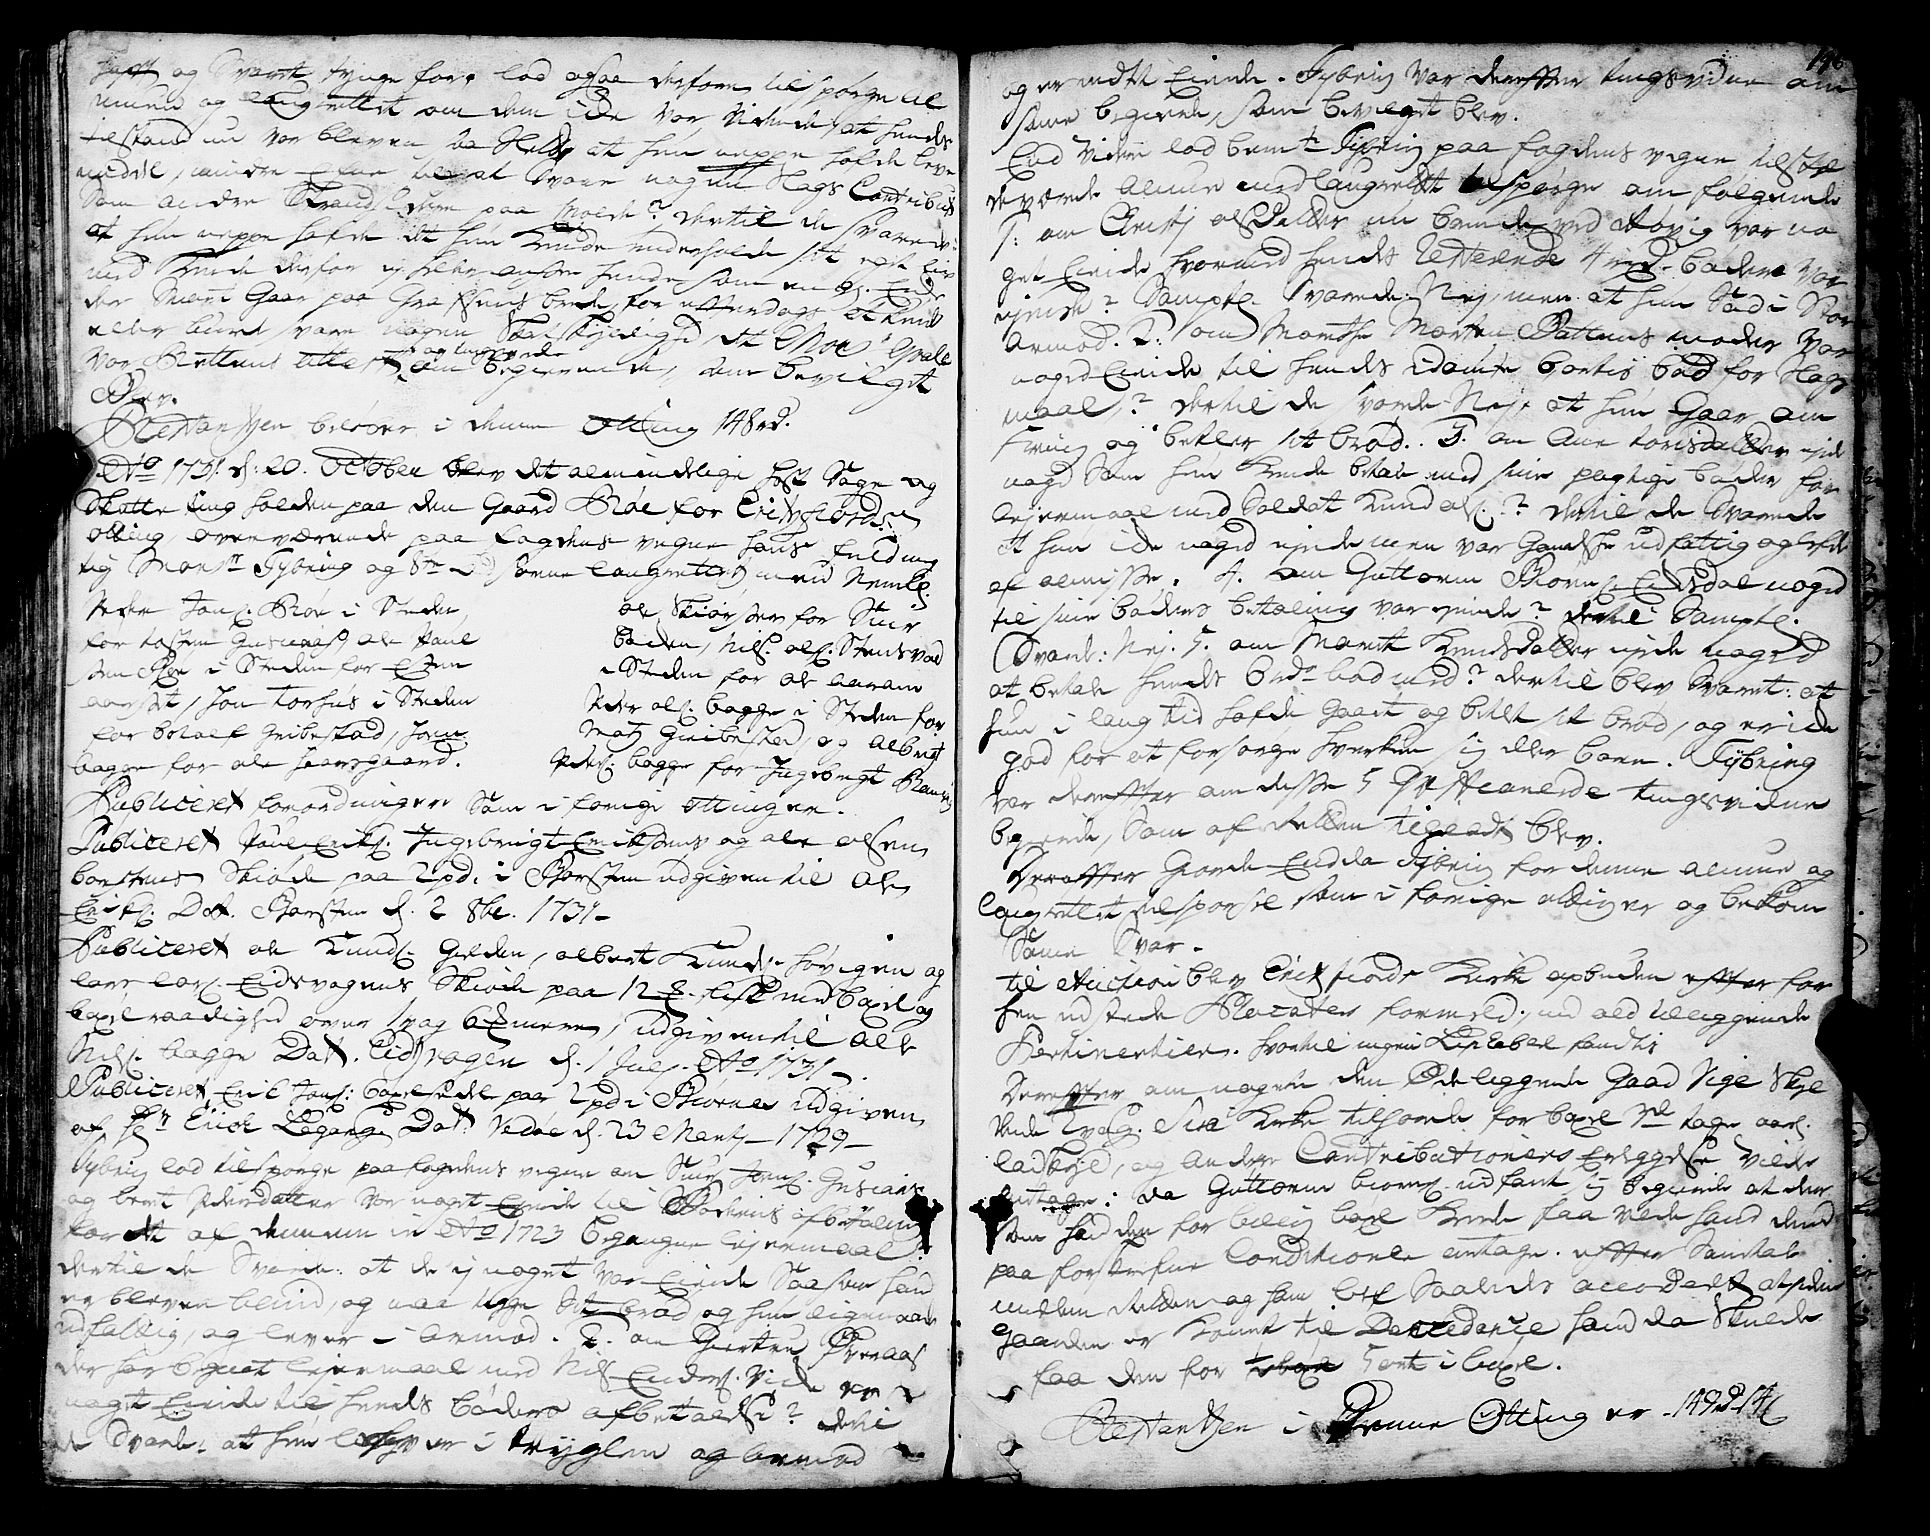 SAT, Romsdal sorenskriveri, 1/1A/L0010: Tingbok, 1728-1732, p. 146